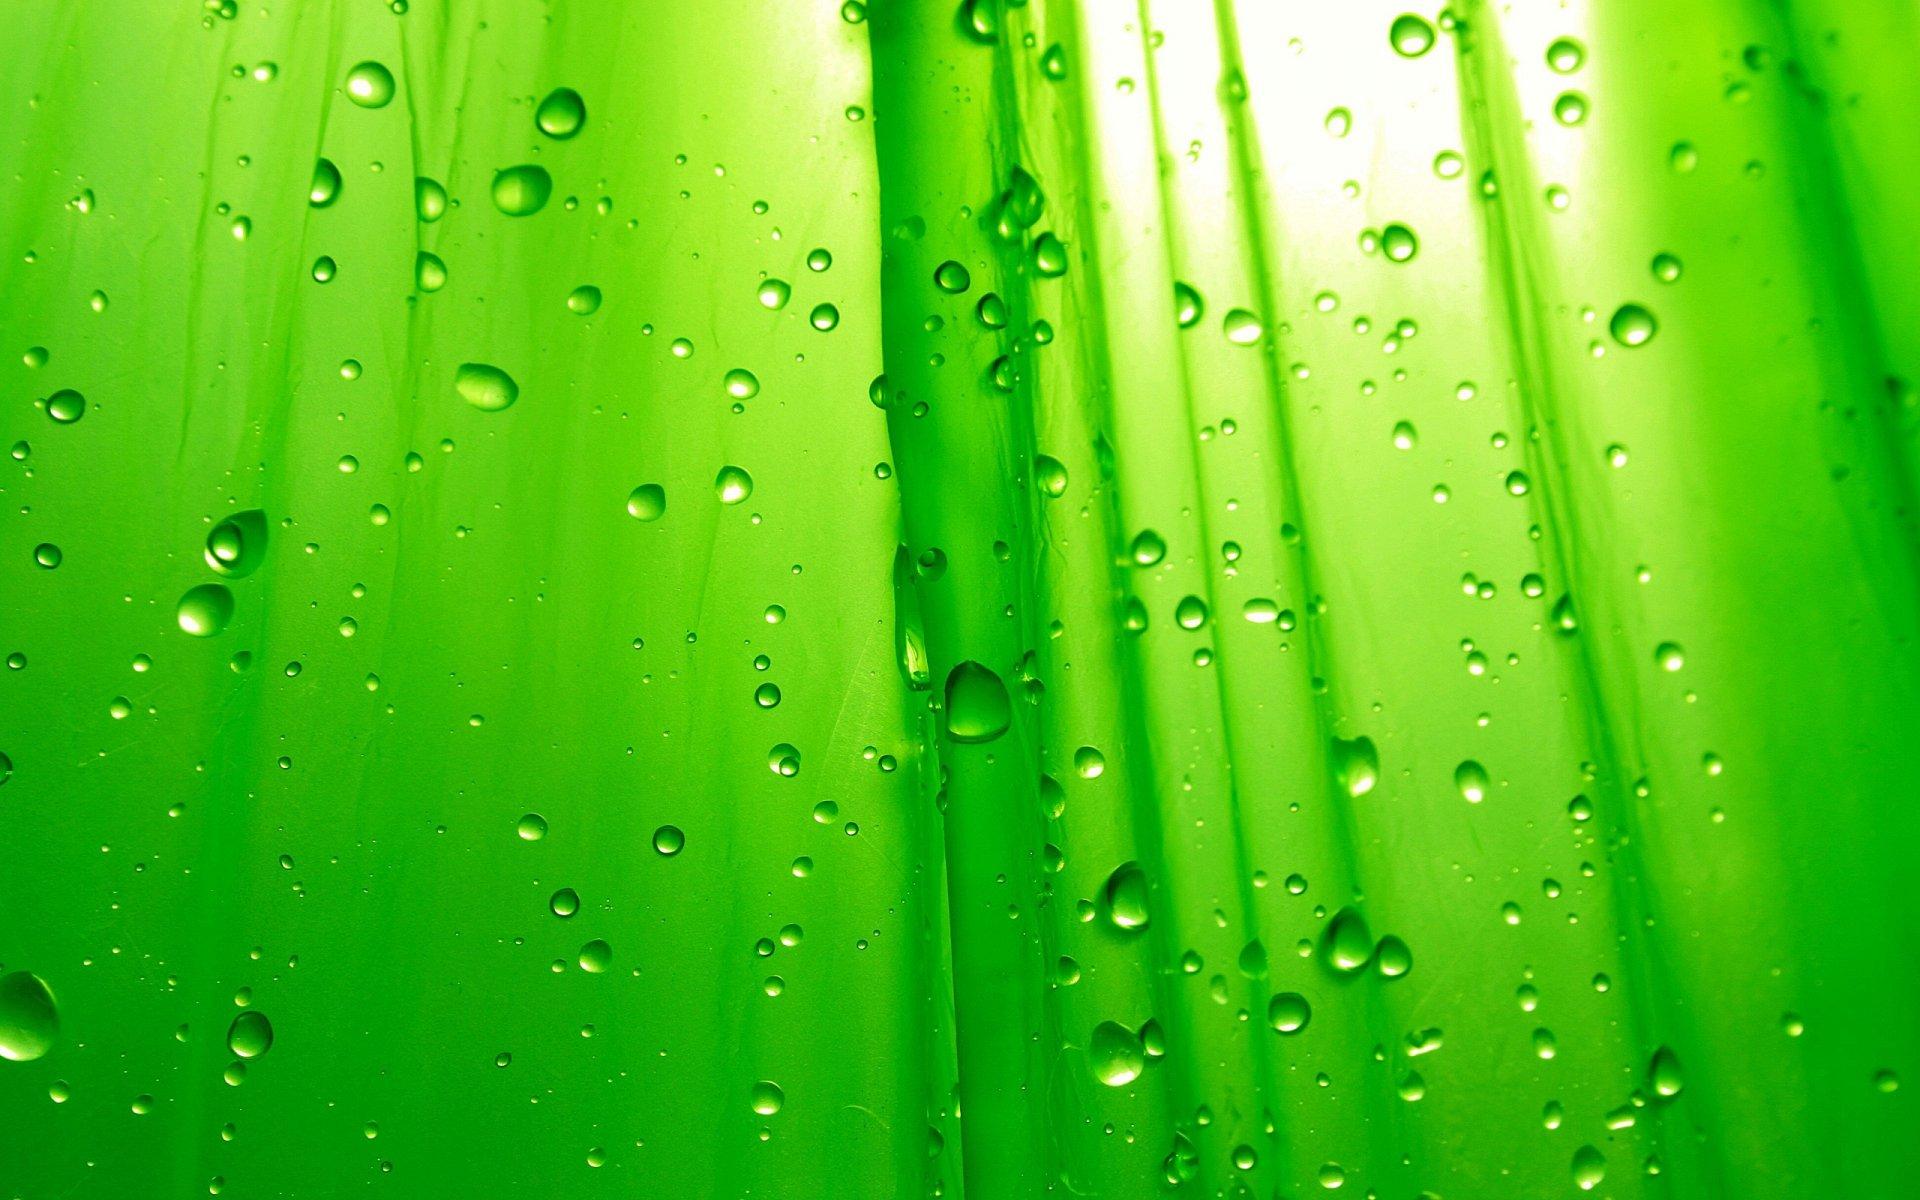 все картинки на телефон зеленый фон зря, ведь оно